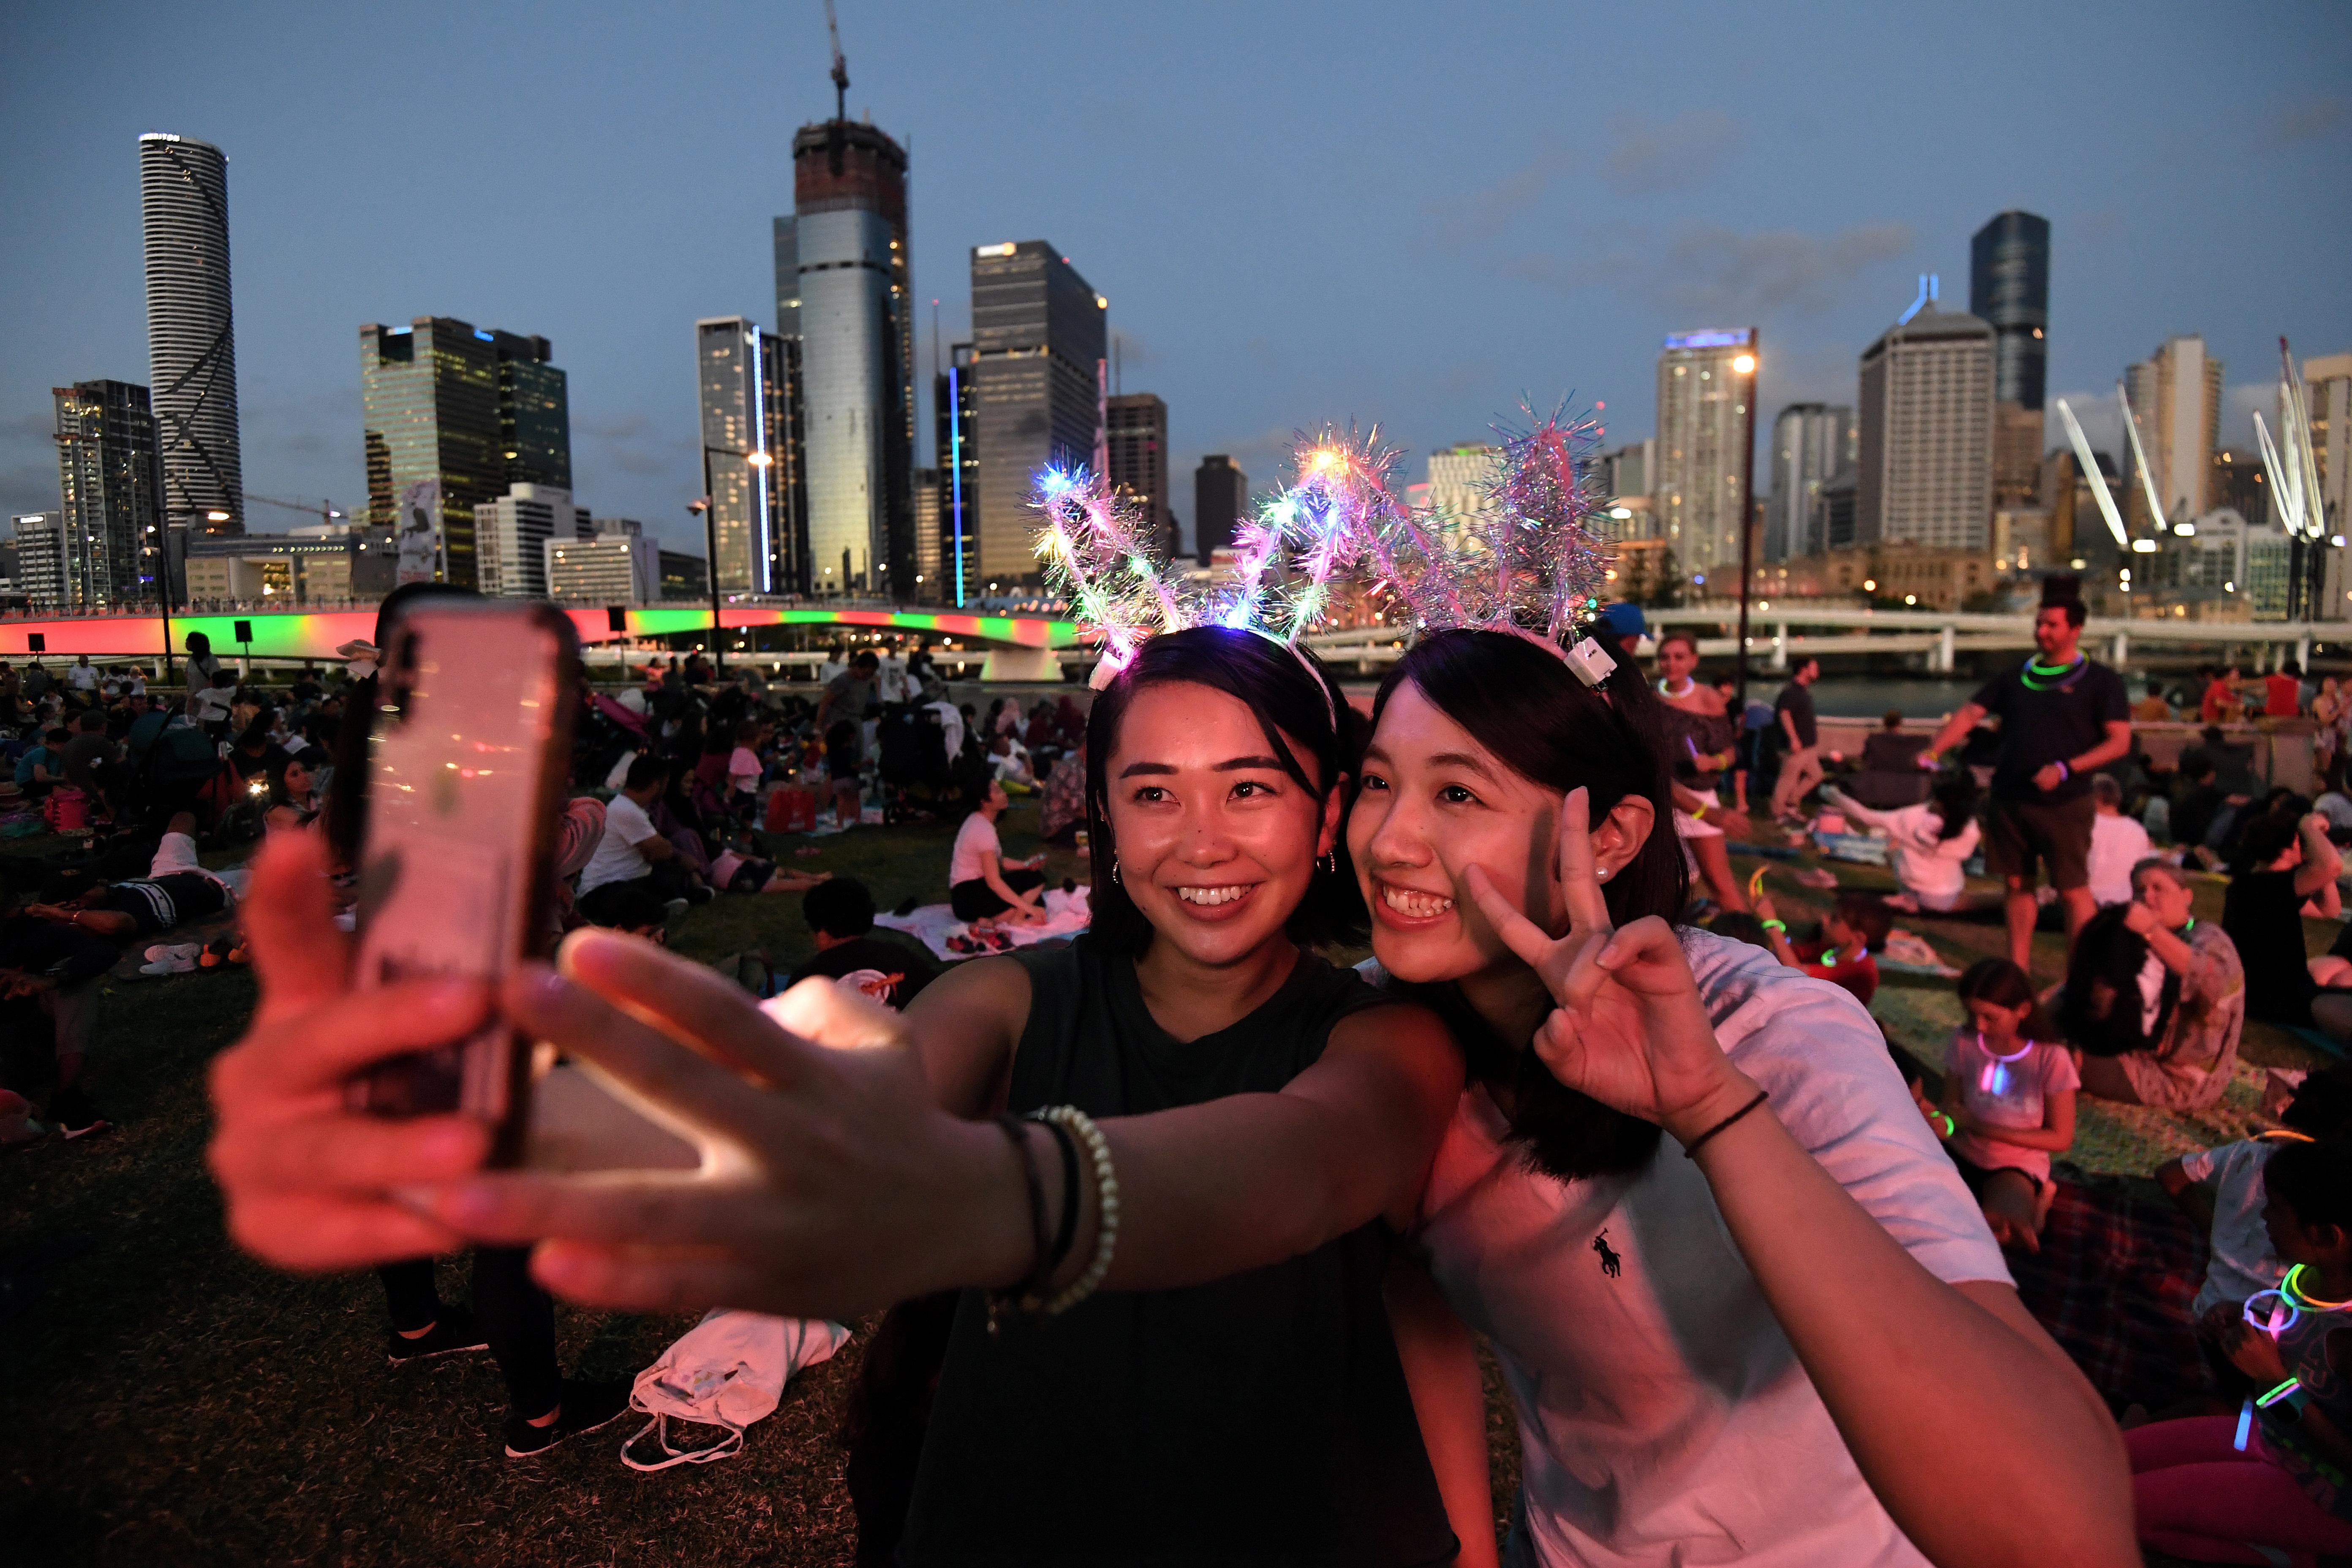 Dos mujeres esperan el show de fuegos artificiales frente a la bahía de Brisbane en Australia